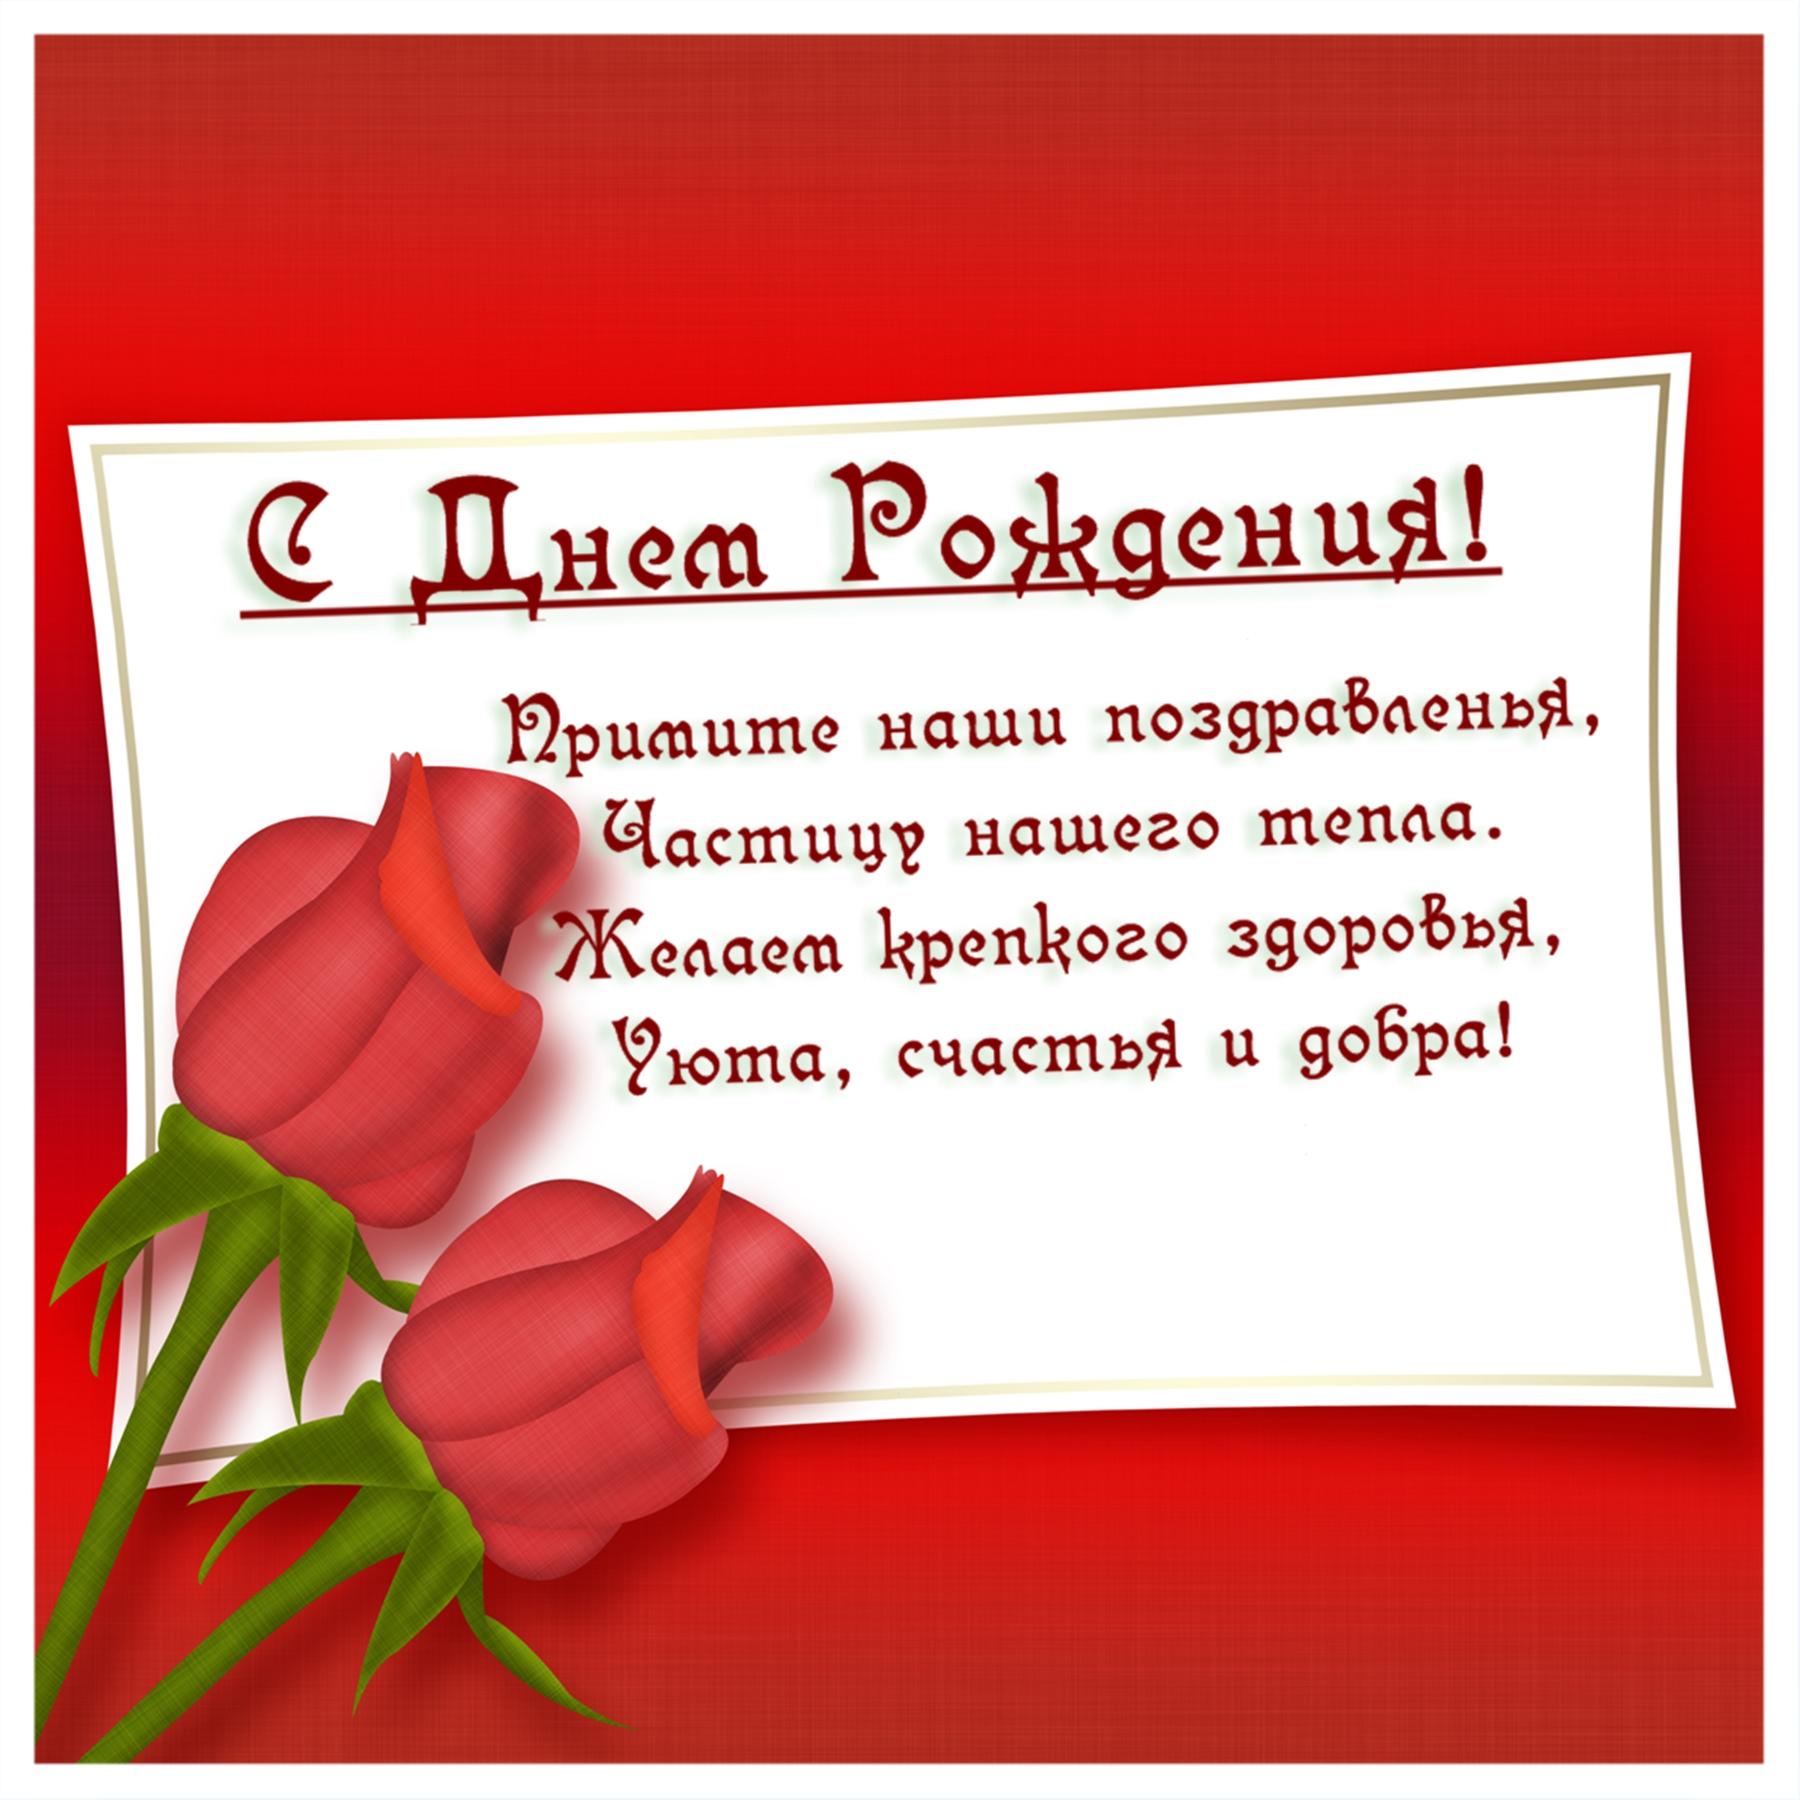 Открытки с поздравлением  pozdravoksru